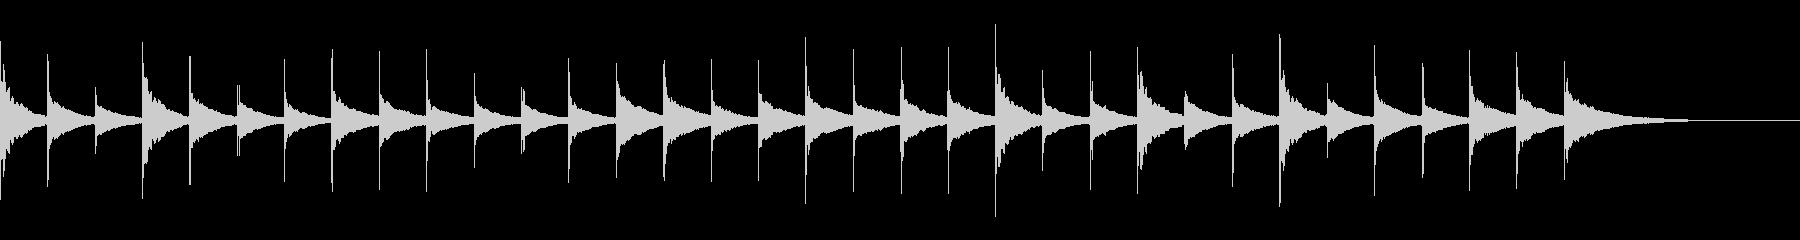 かっこう (オルゴール)の未再生の波形